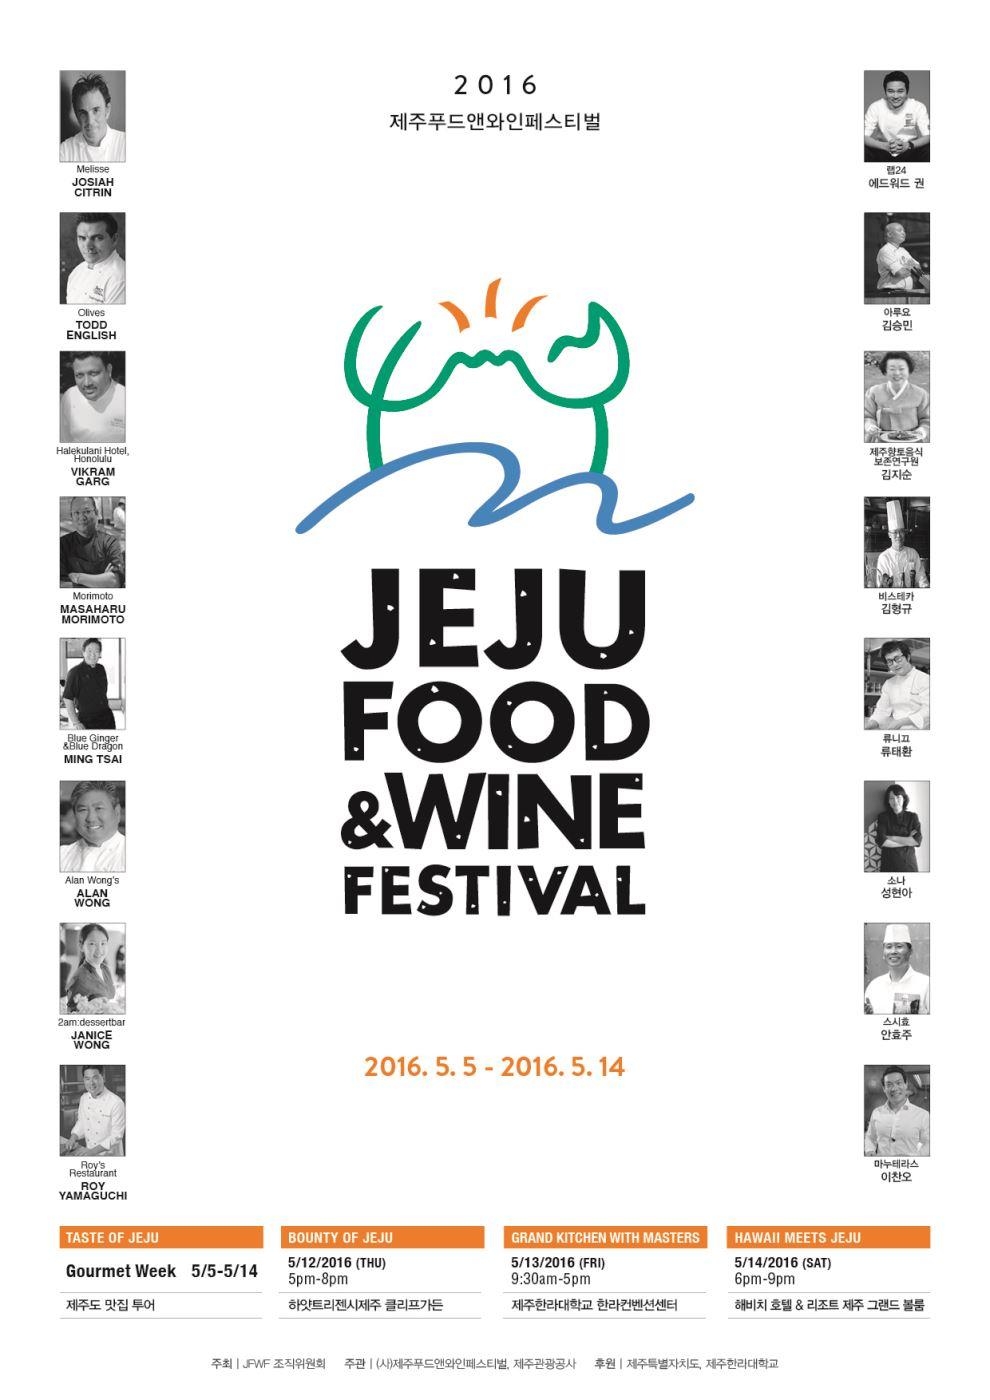 제주푸드앤와인페스티벌(JFWF) 포스터